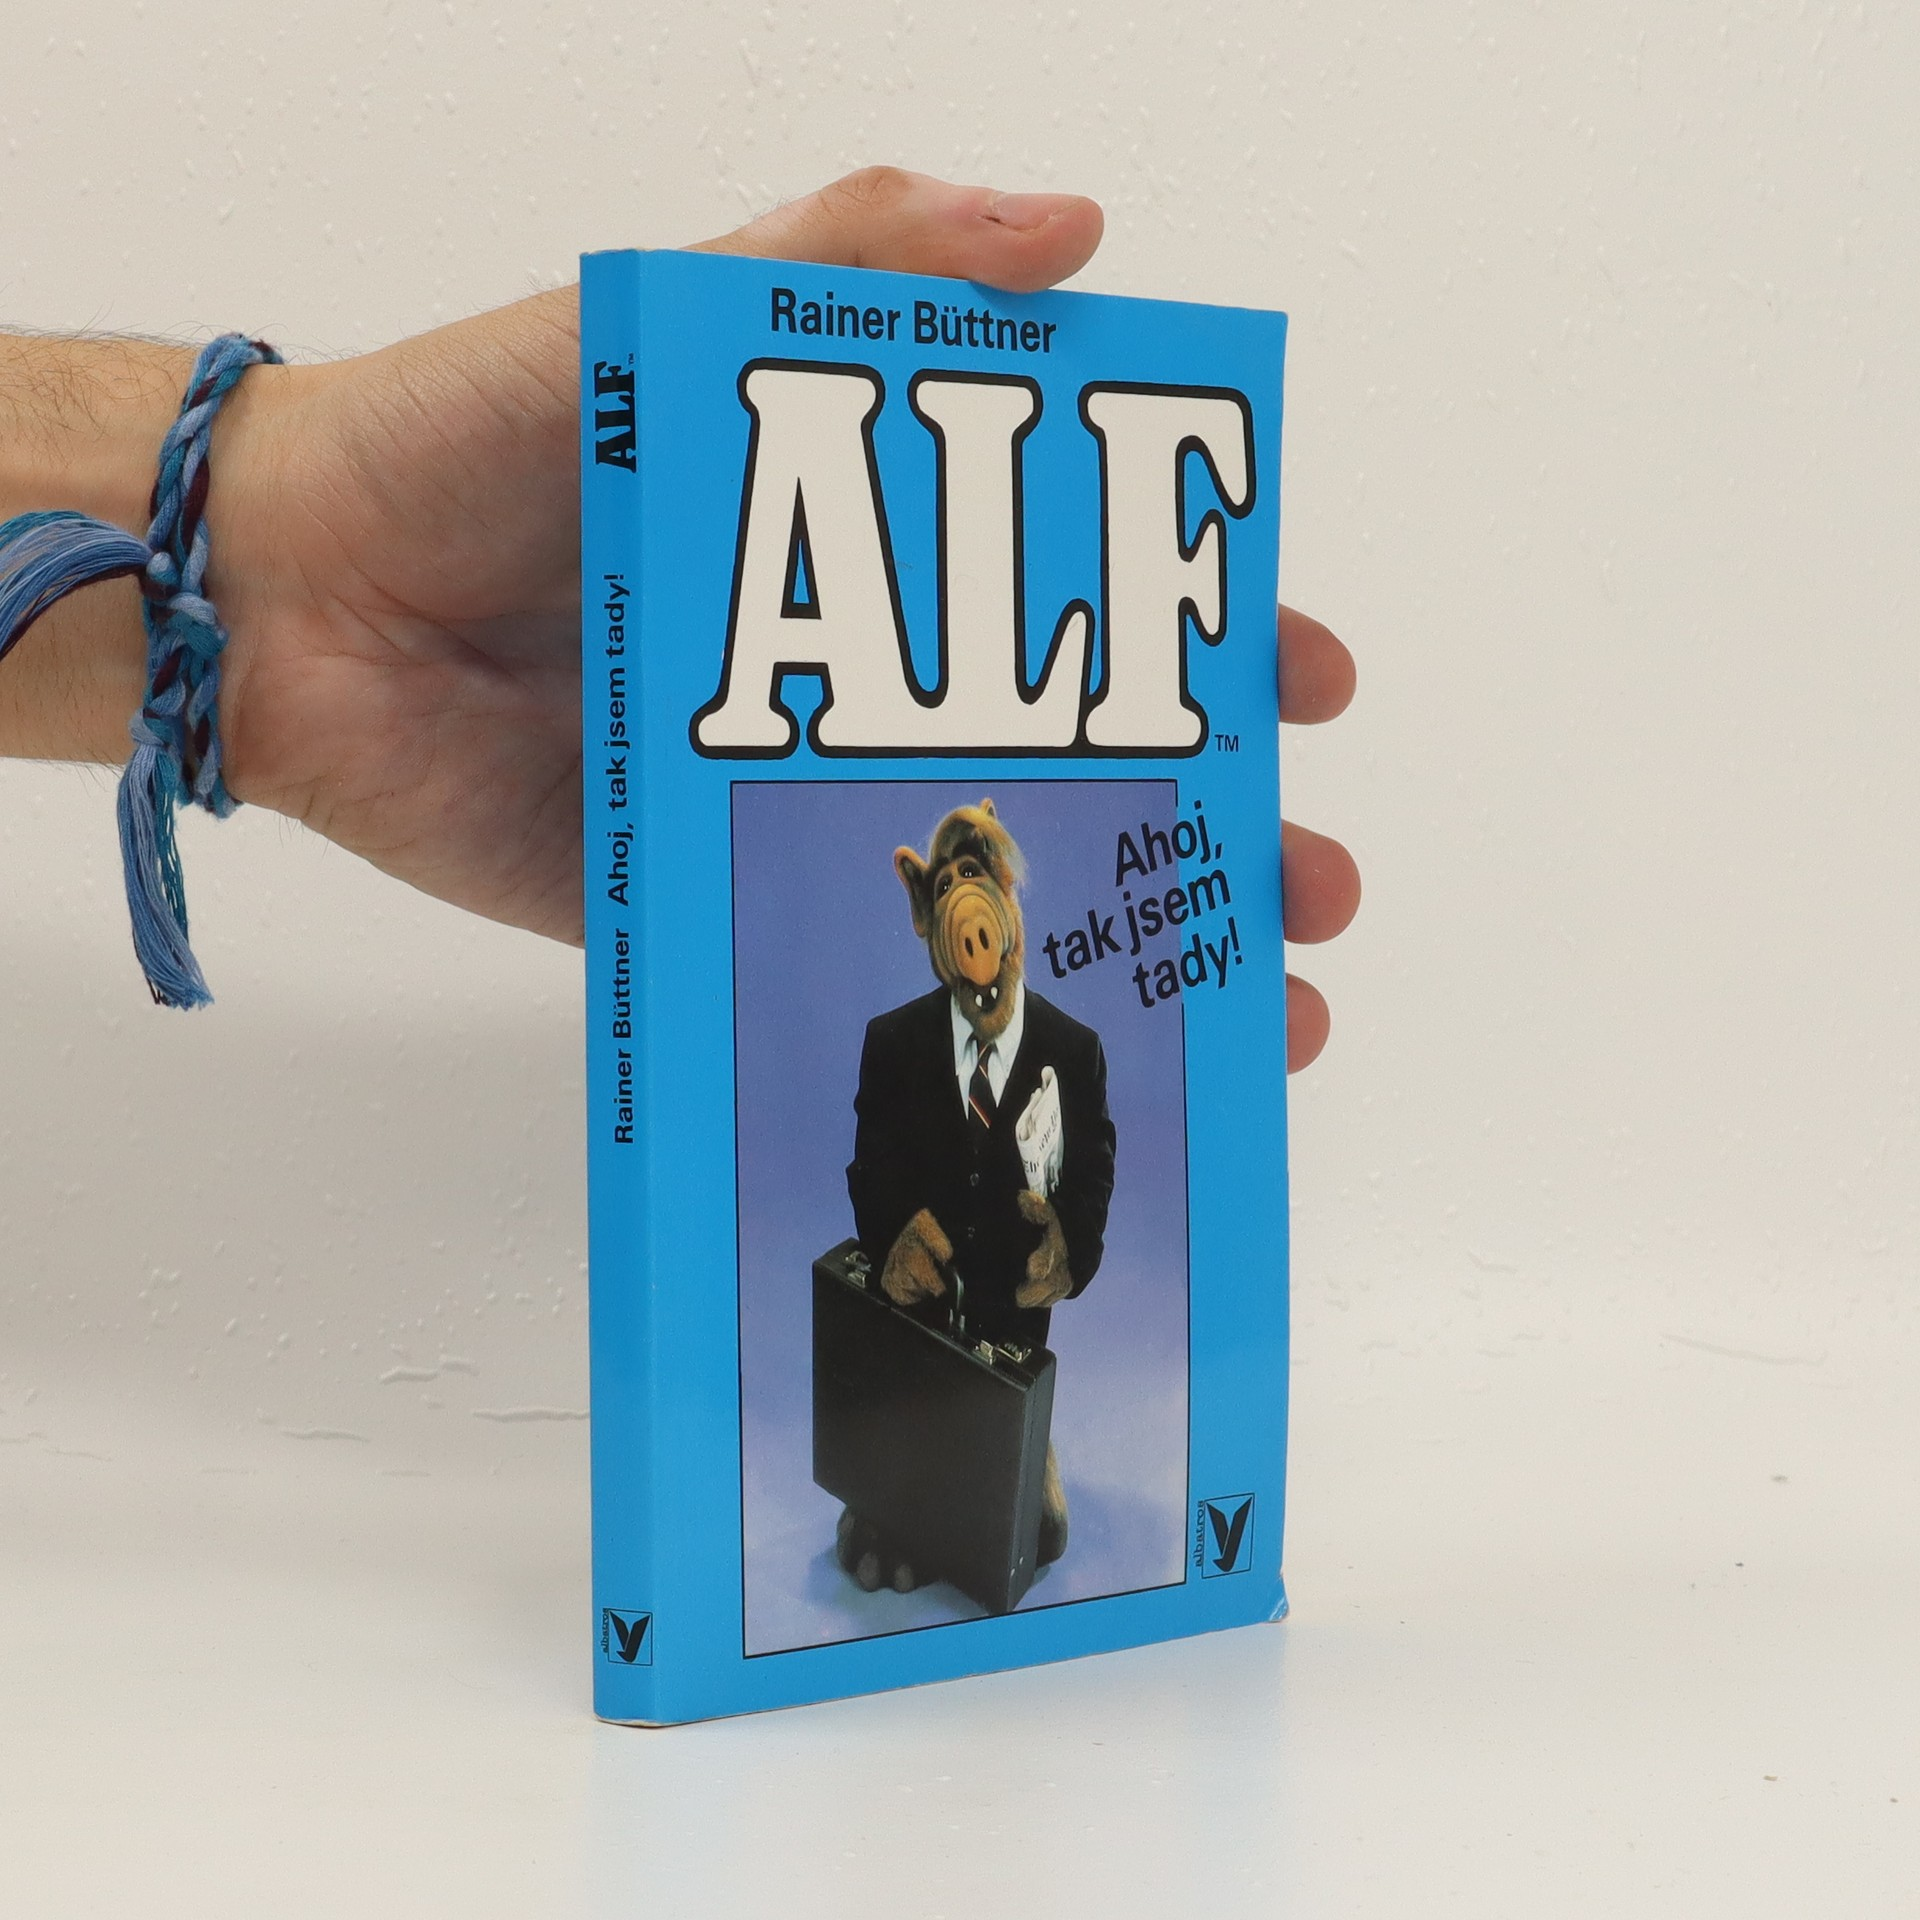 antikvární kniha Alf. Ahoj, tak jsem tady!, 1994